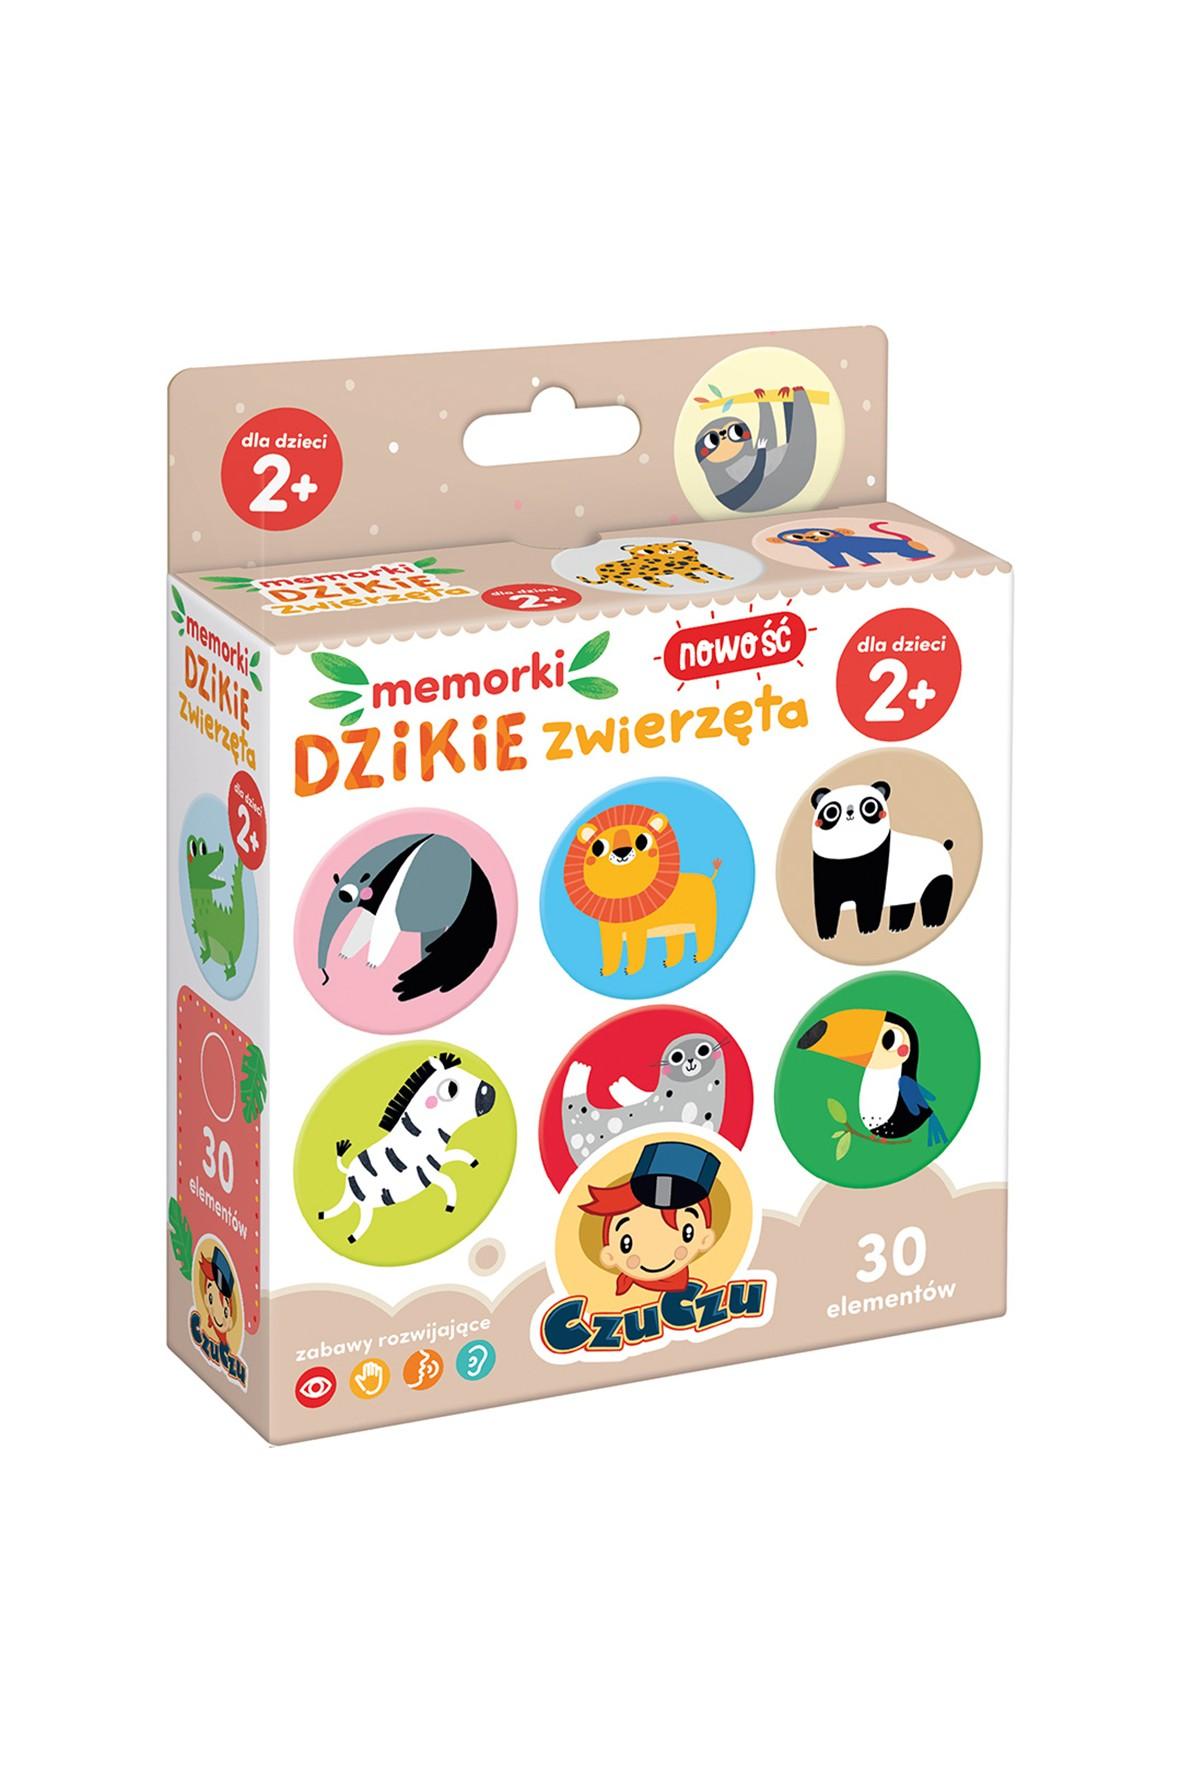 Gra Memorki Dzikie zwierzęta CzuCzu wiek 2+